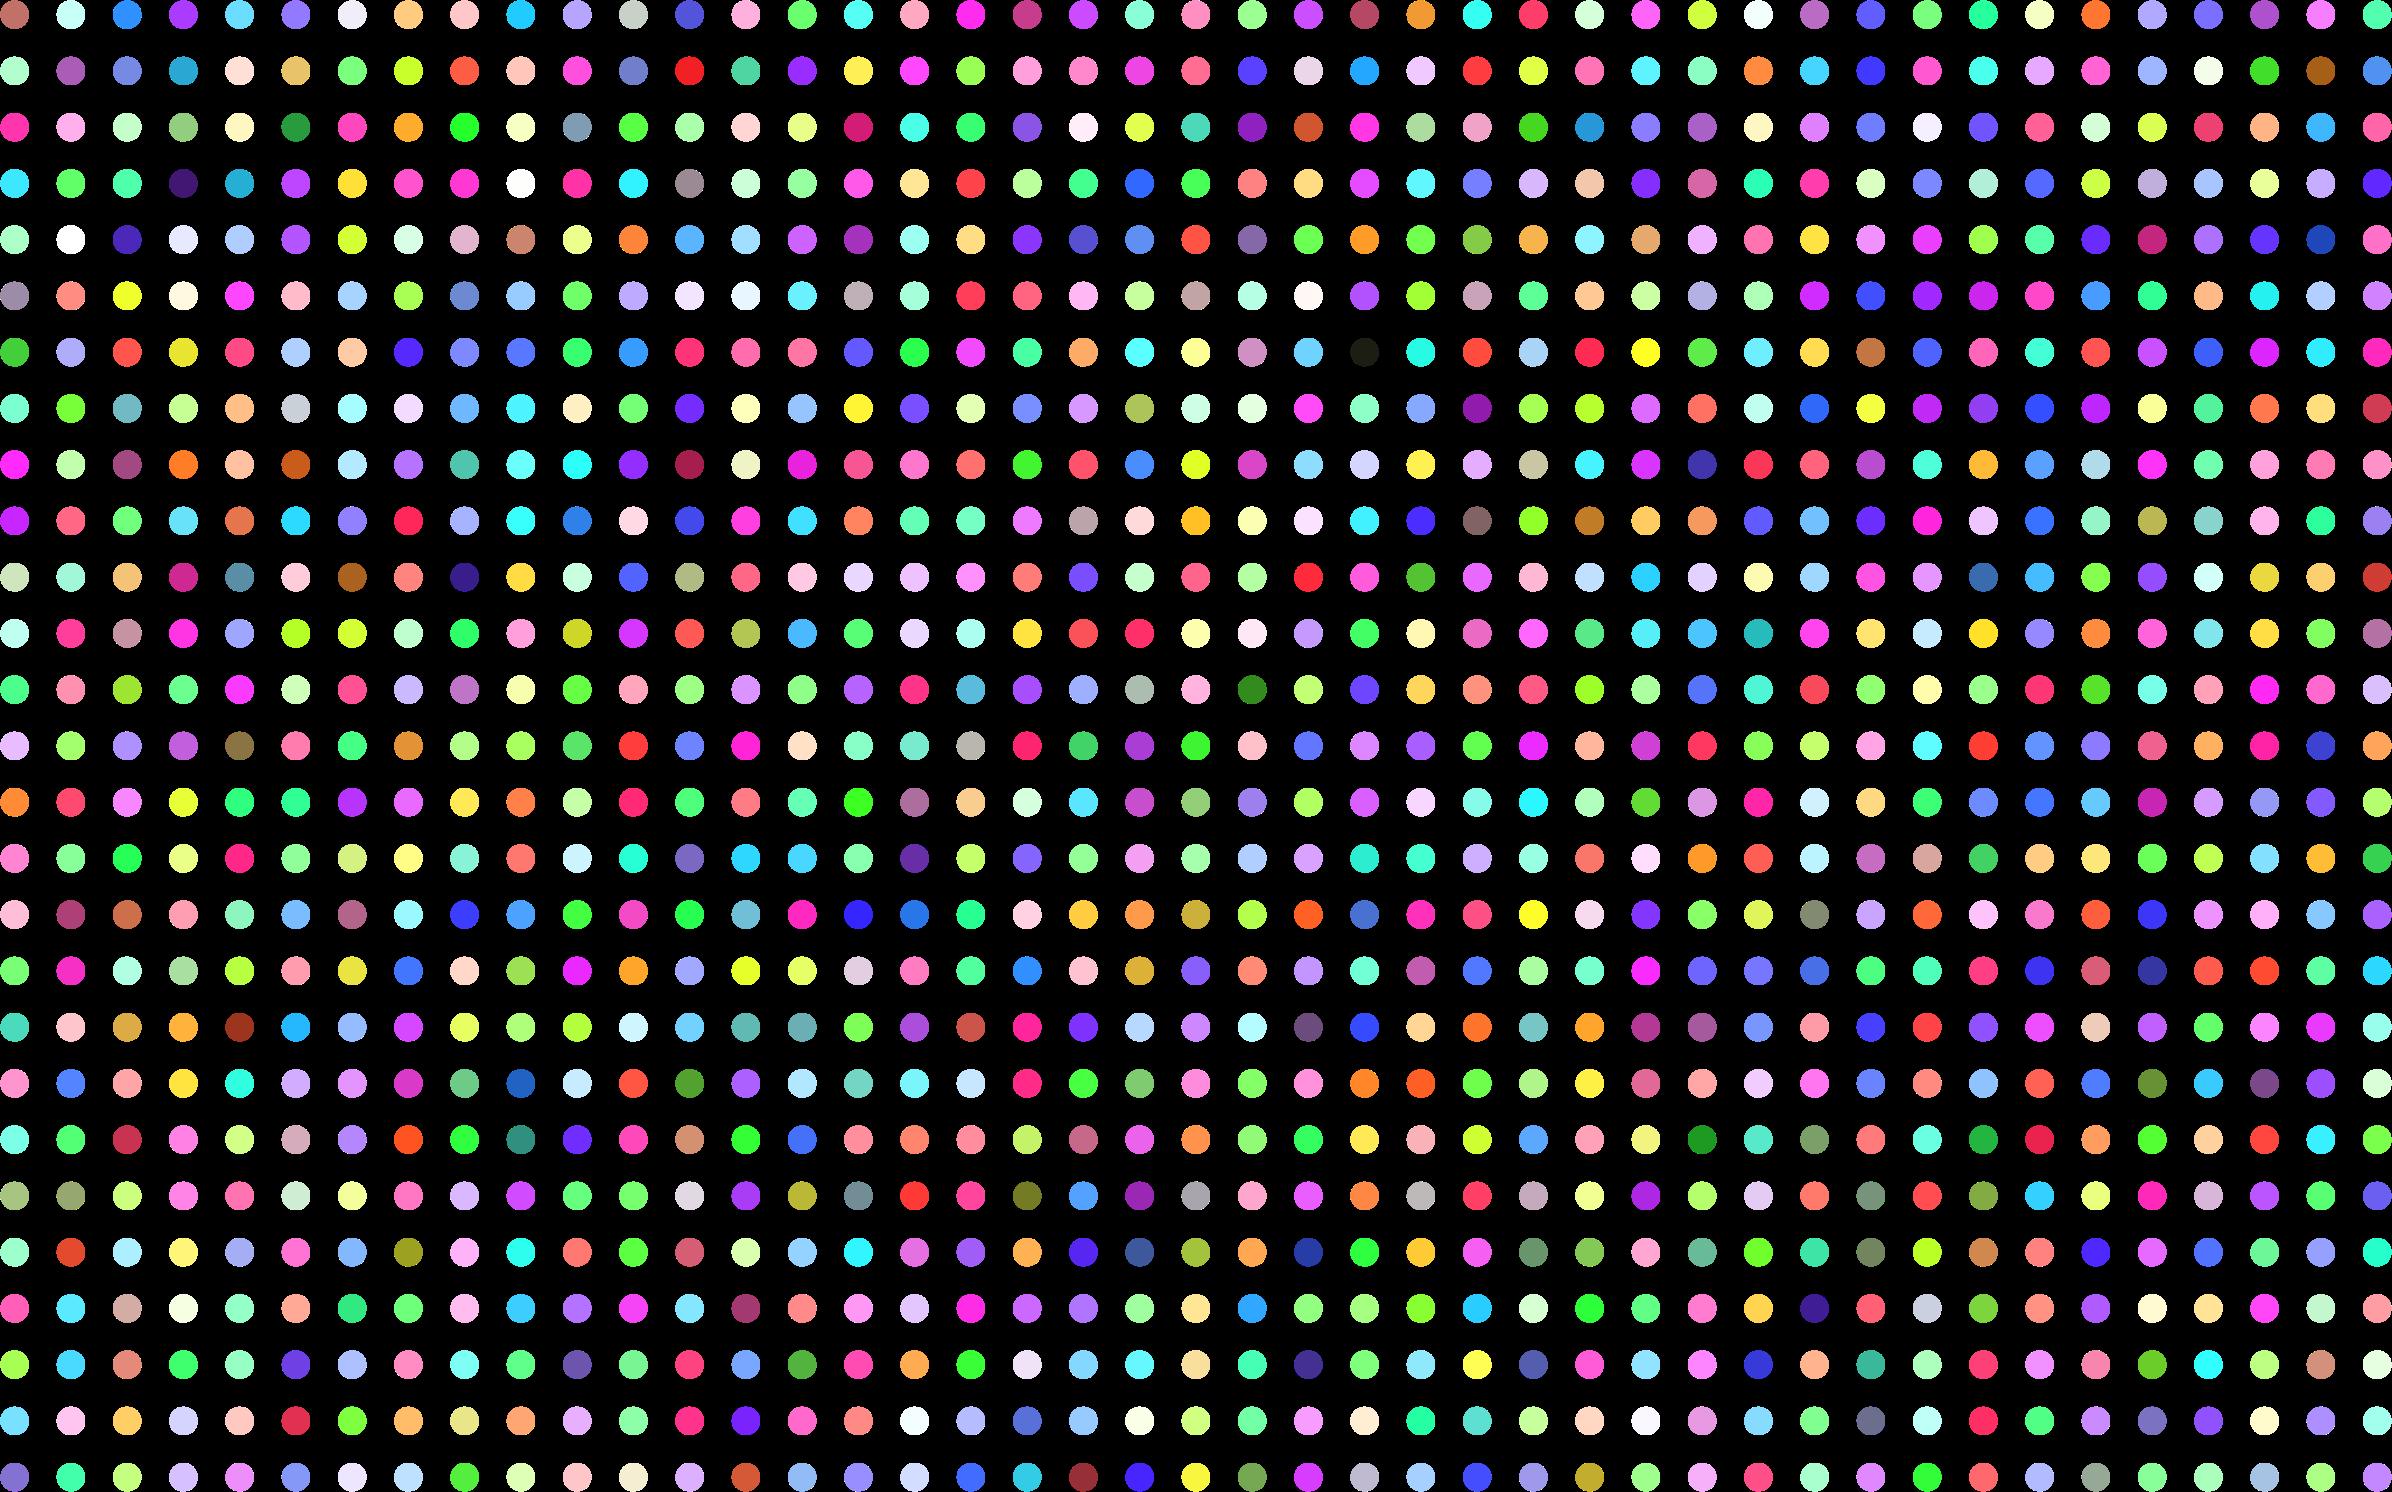 Dot clipart gold dot. Polka background png transparent